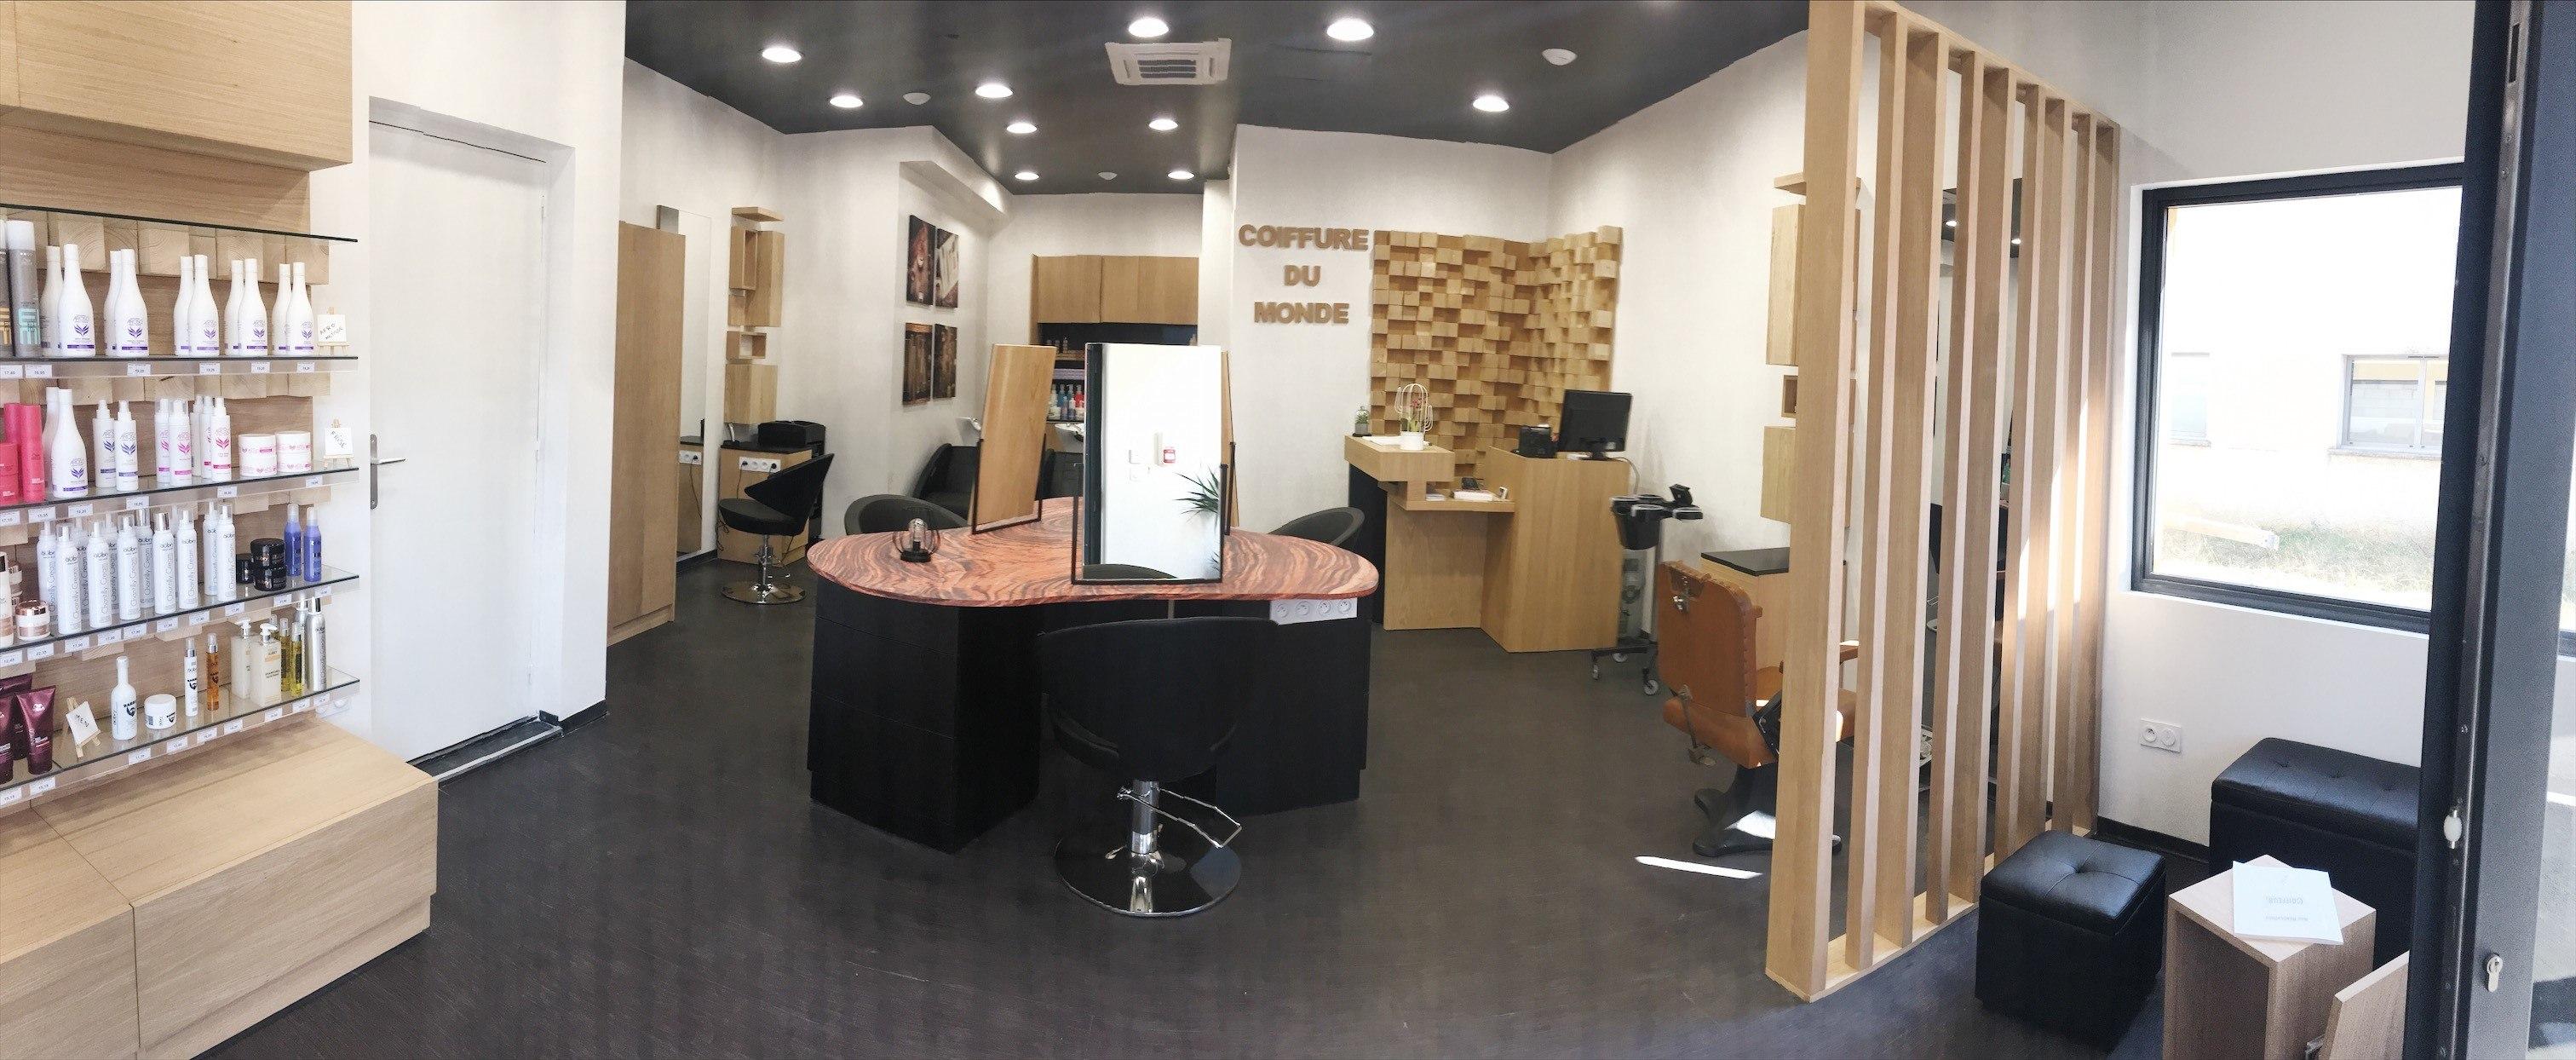 Salon Coiffure du monde - Lunel à Lunel : -50% sur votre rdv ...